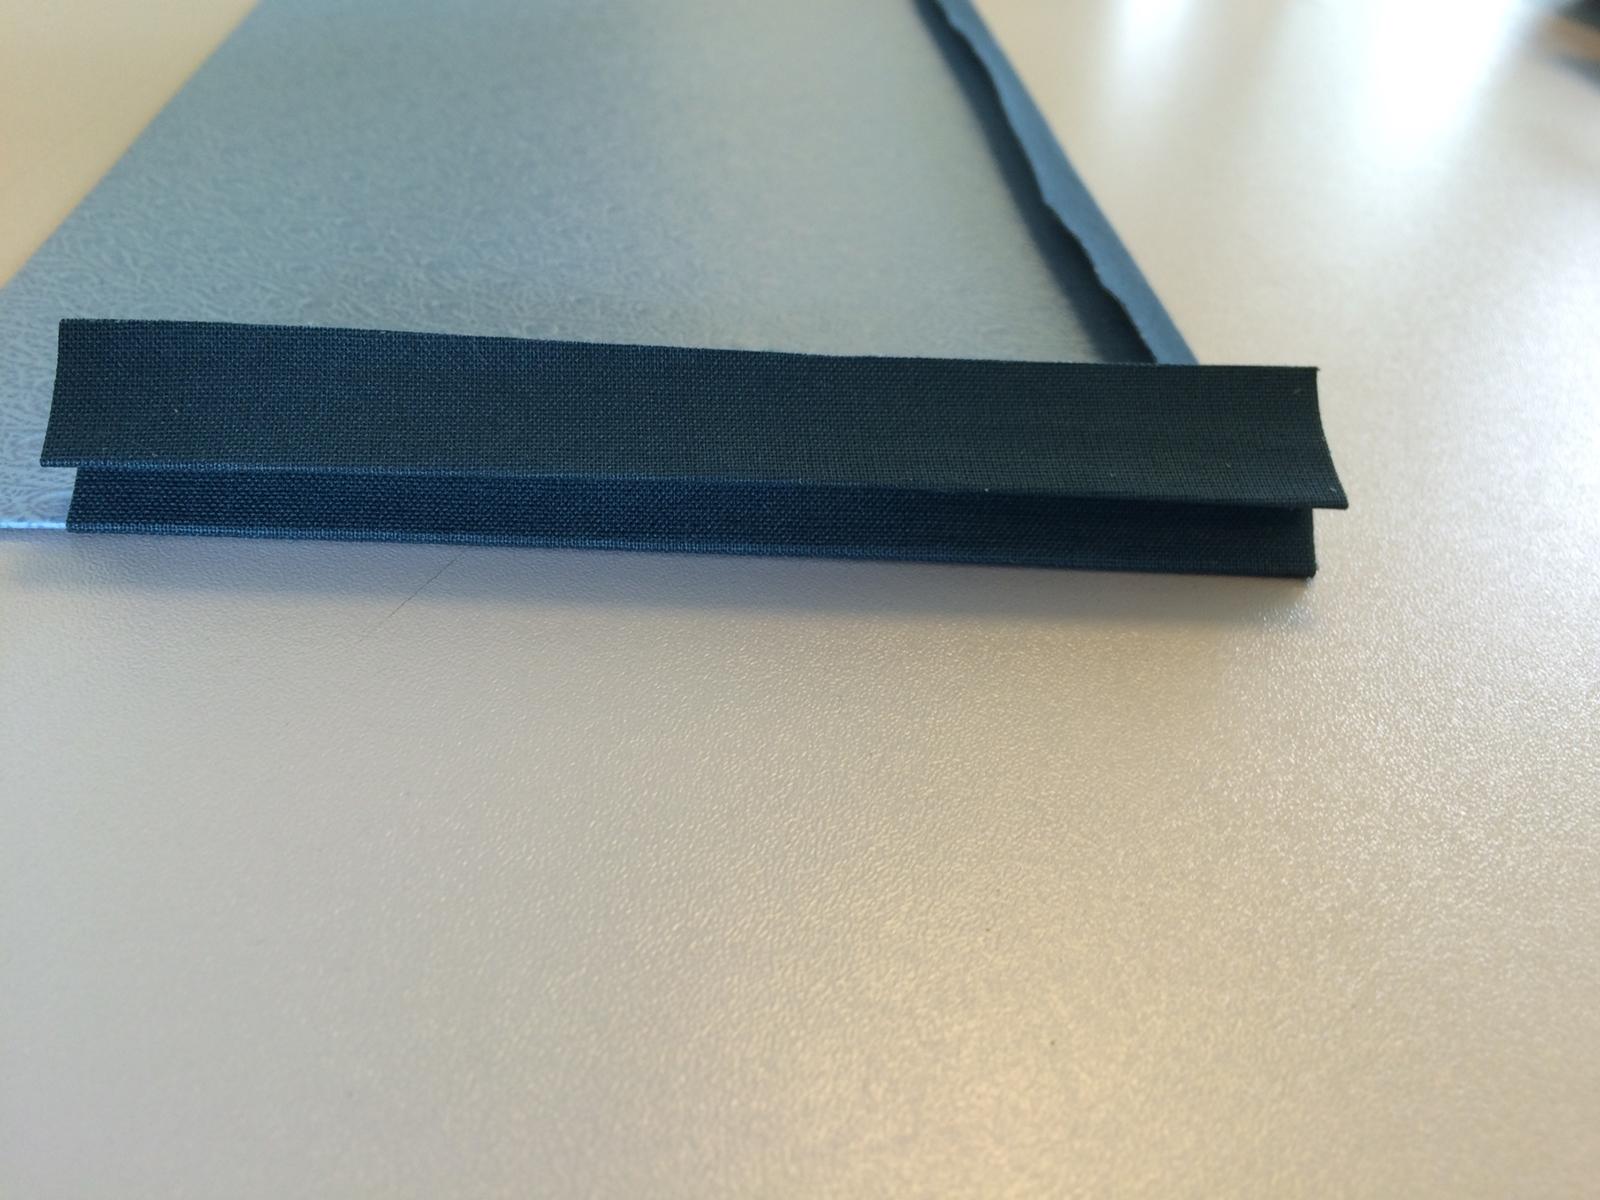 Fabriquer une pochette pour la cr a r gle 2 lpb carton - Comment porter une pochette ...